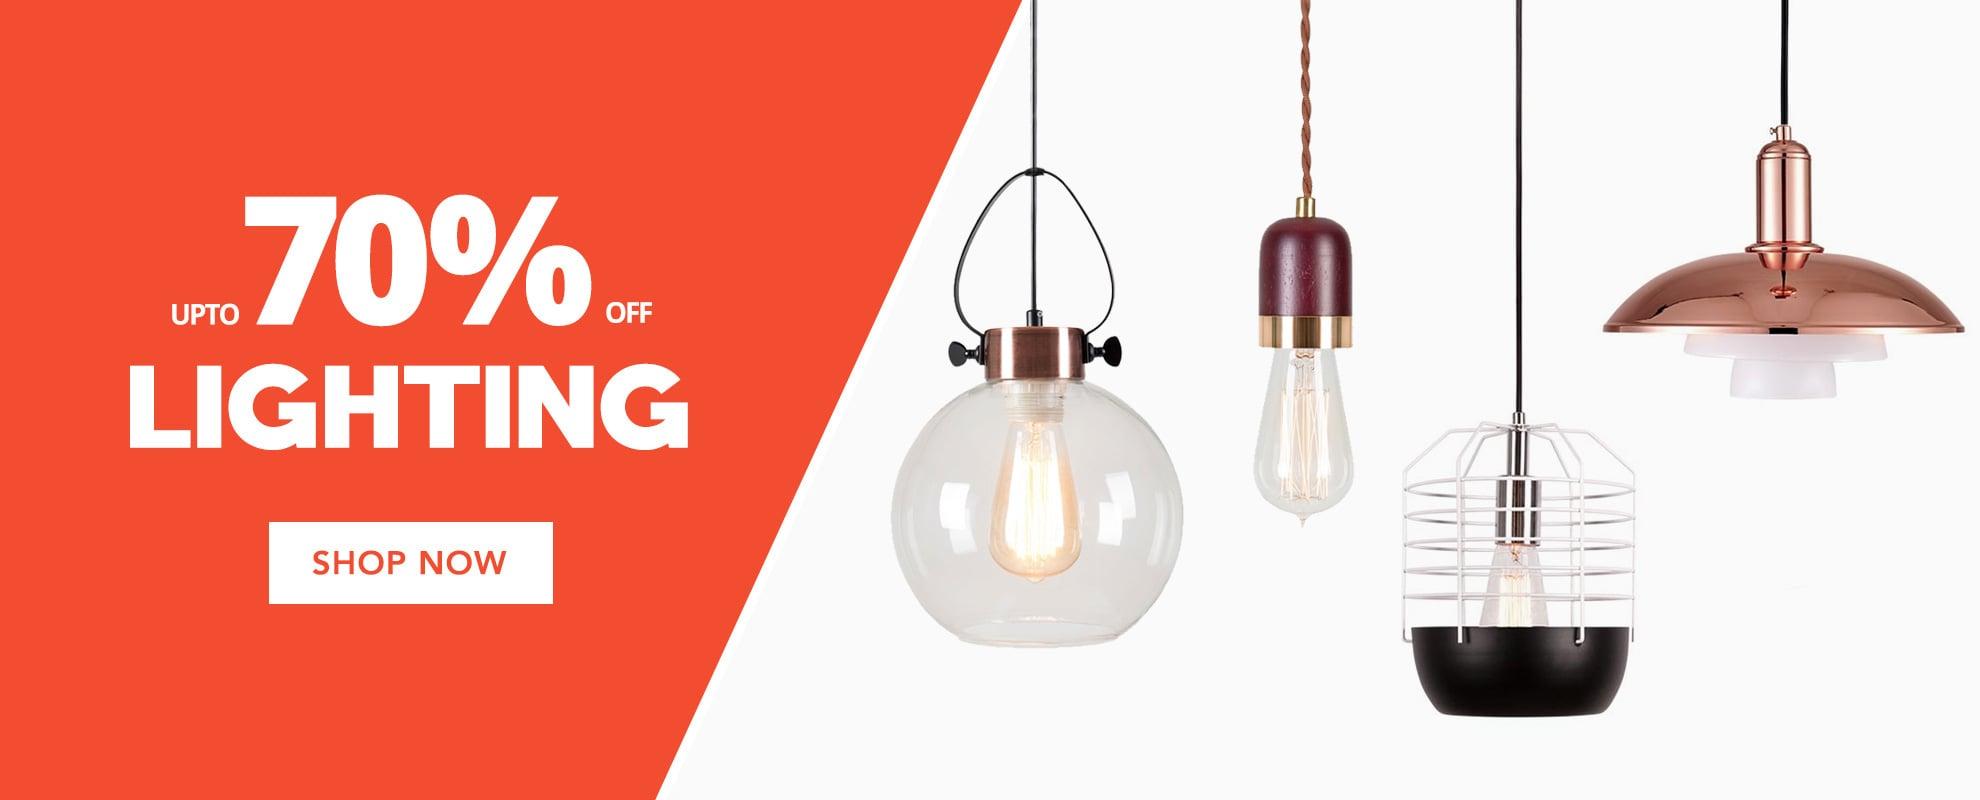 Bank Holiday Sale Lighting